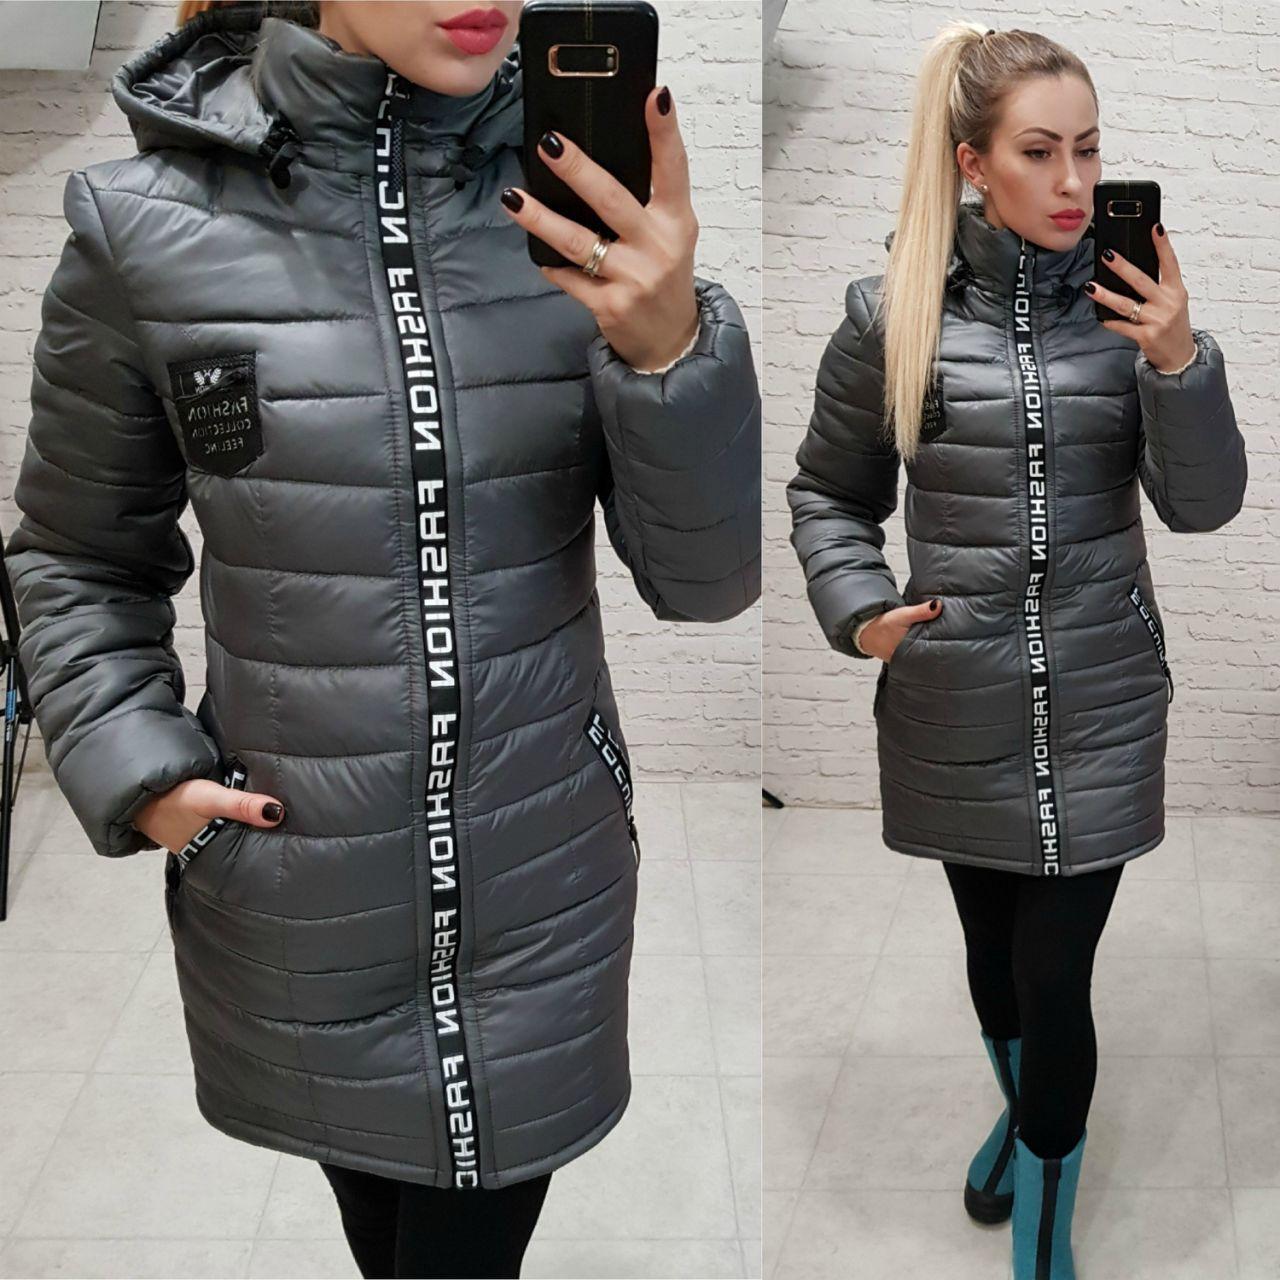 Куртка Зима, модель 212/2, цвет - серый глянцевый